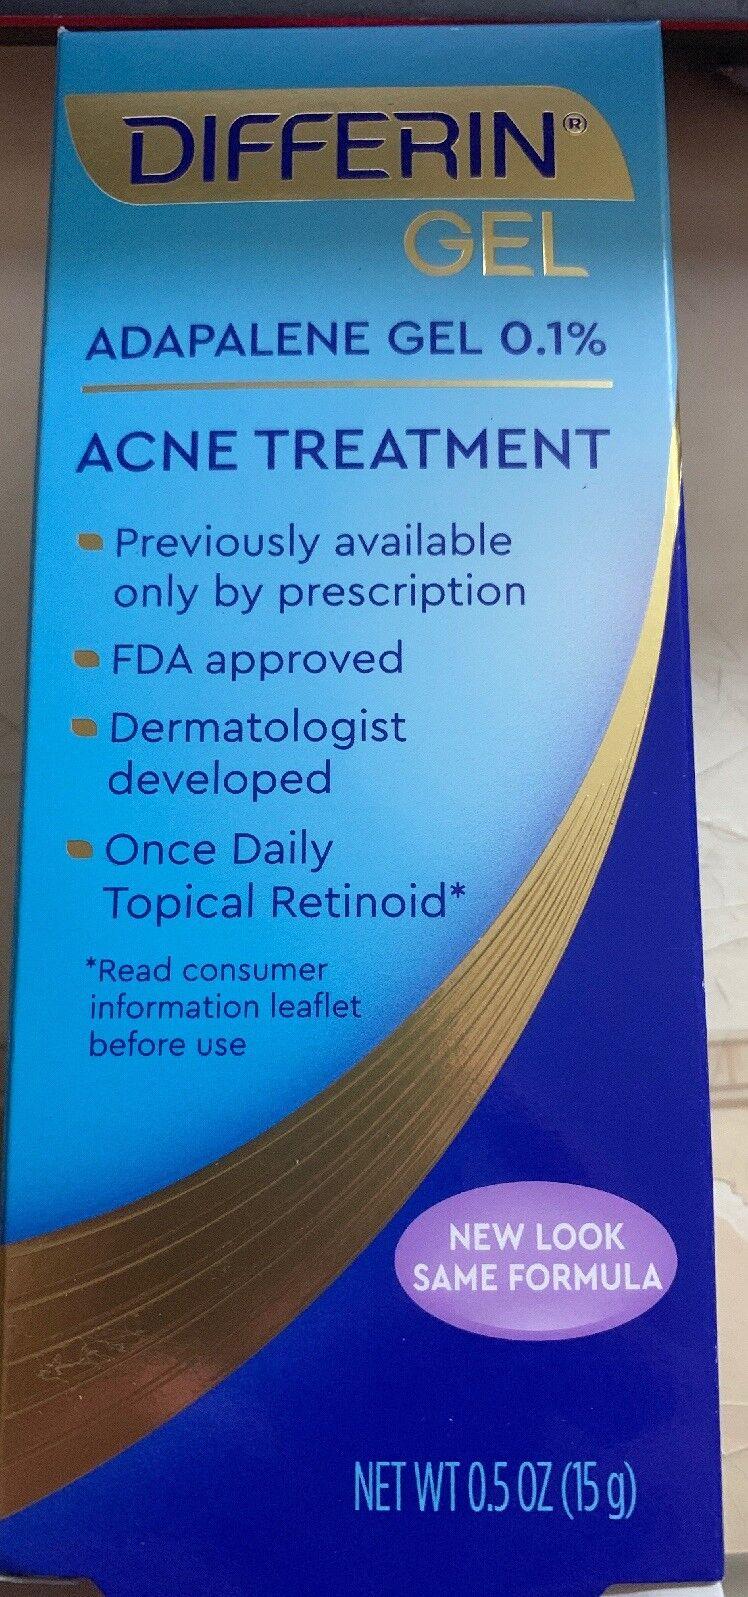 Differin Adapalene Gel 0.1% Acne Treatment 0.5 Oz FDA New Ar